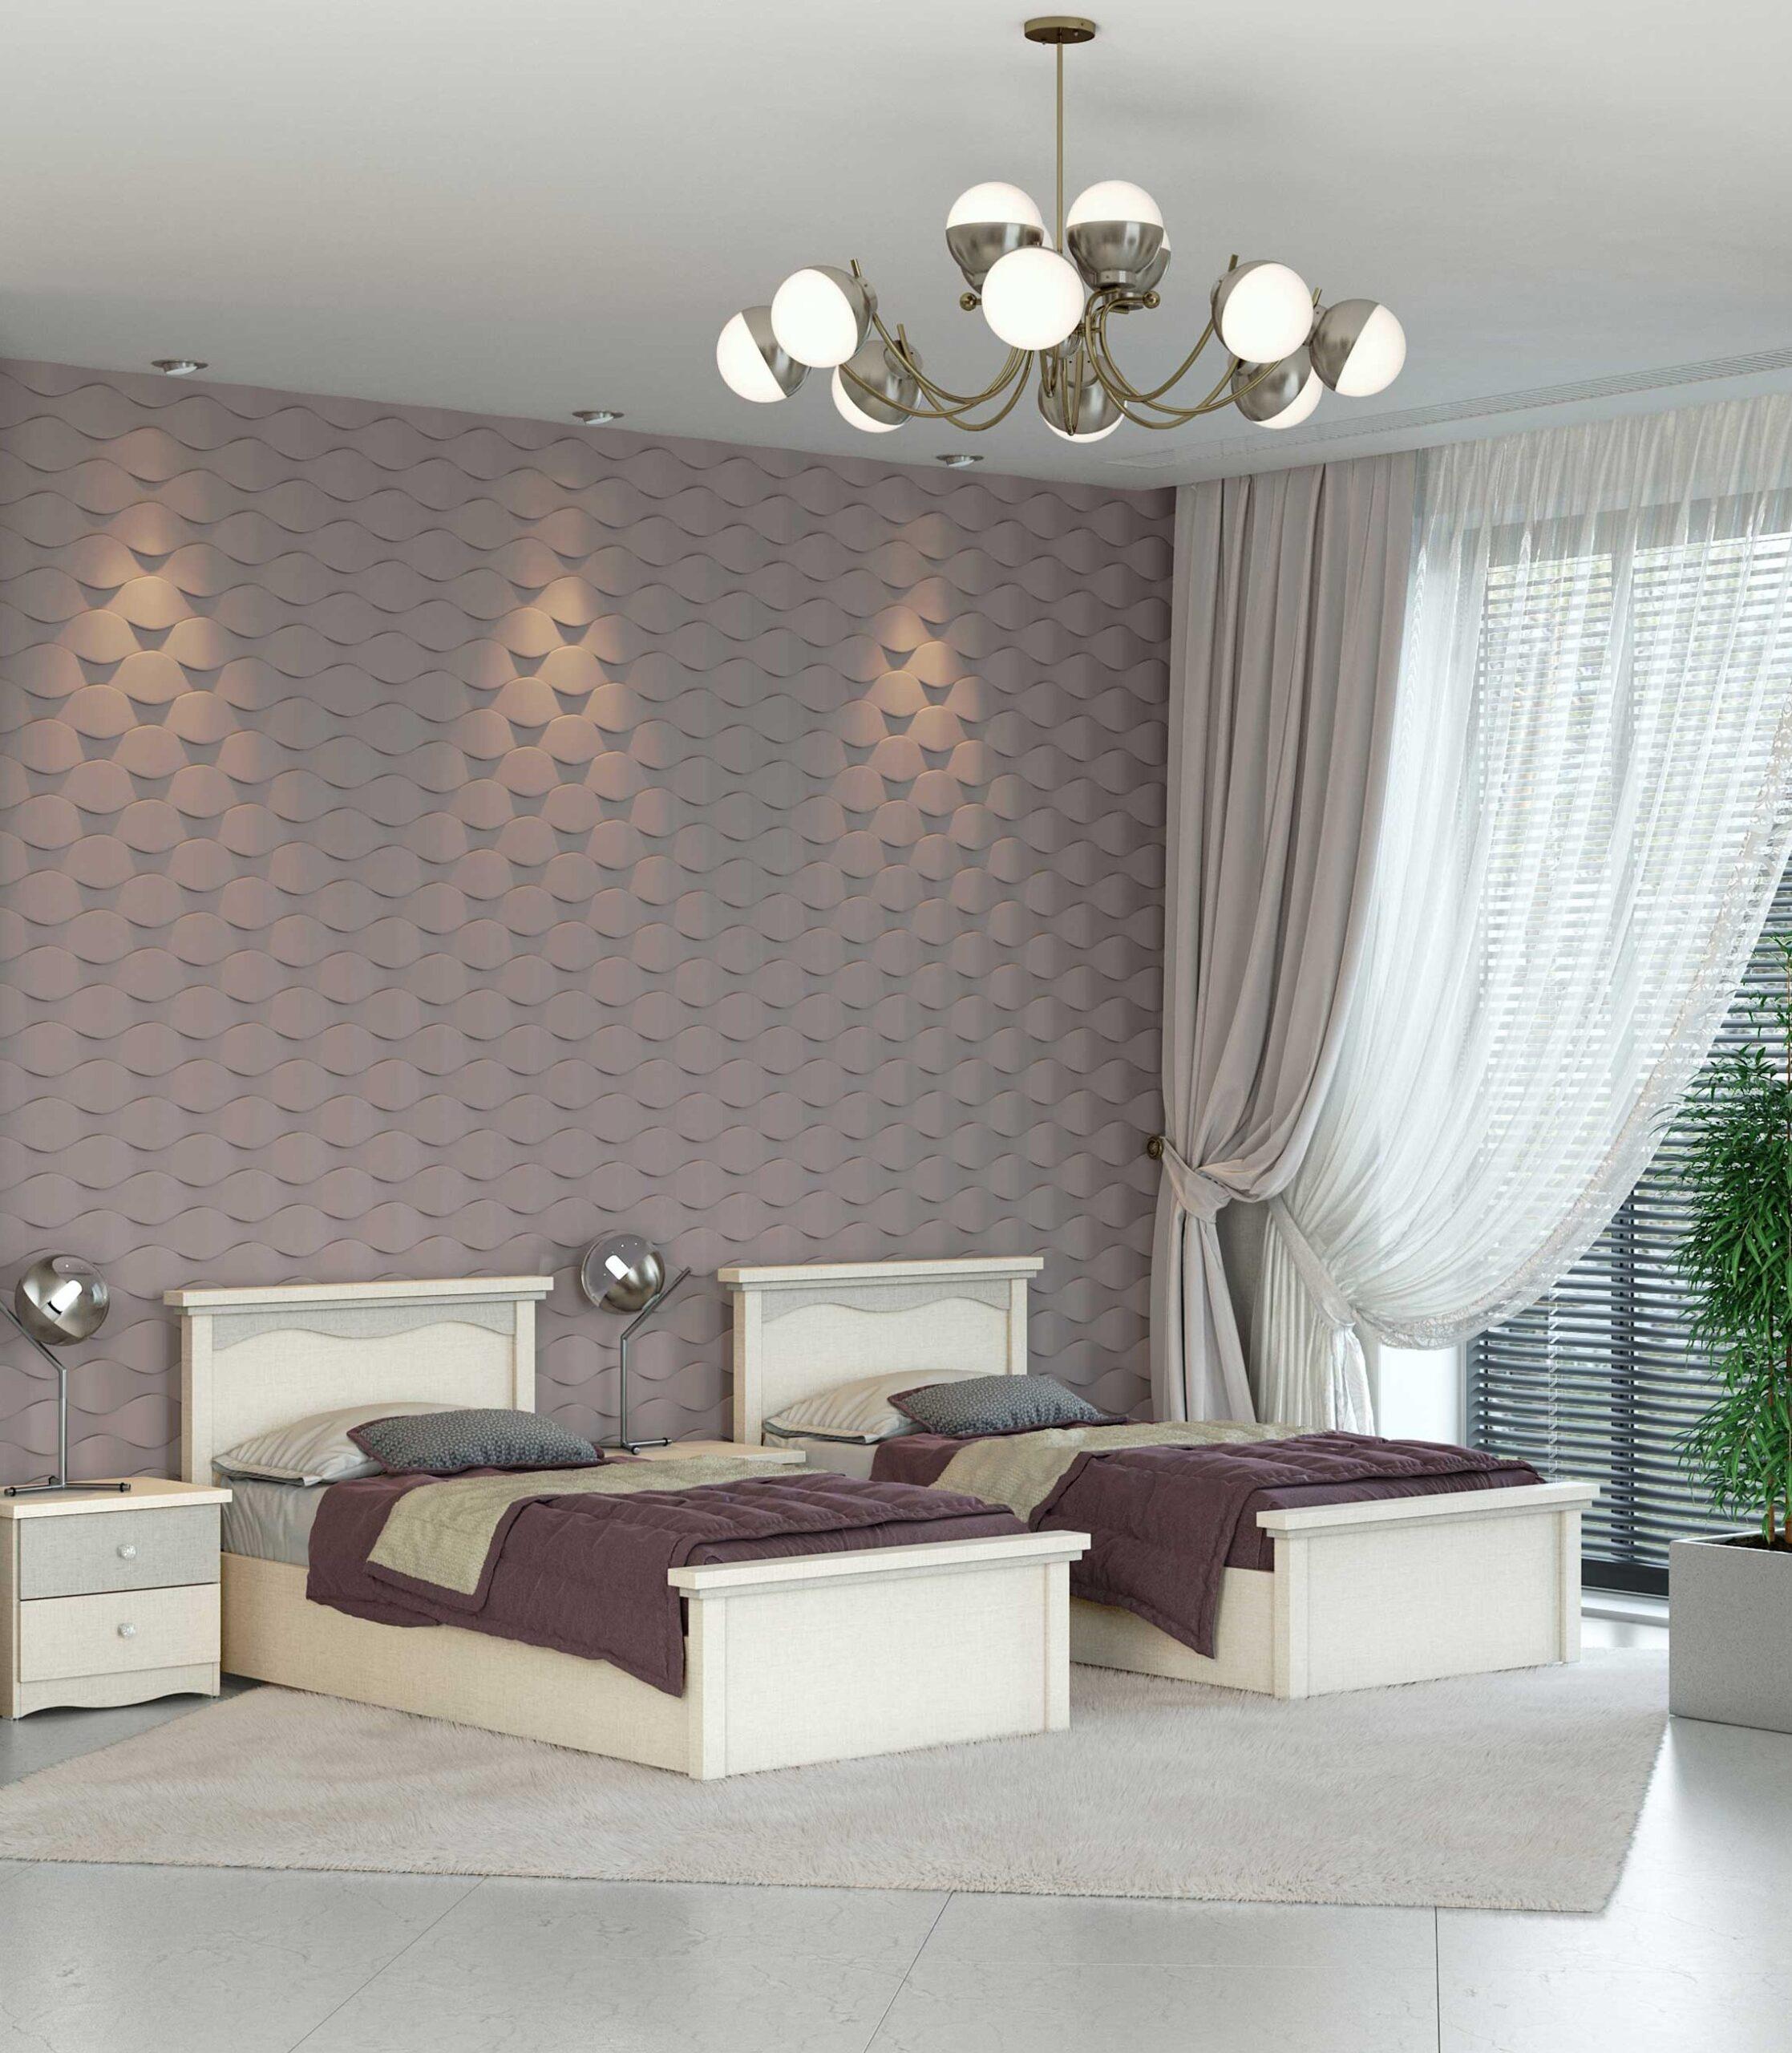 מיטות חדר שינה בהפרדה ושידת לילה